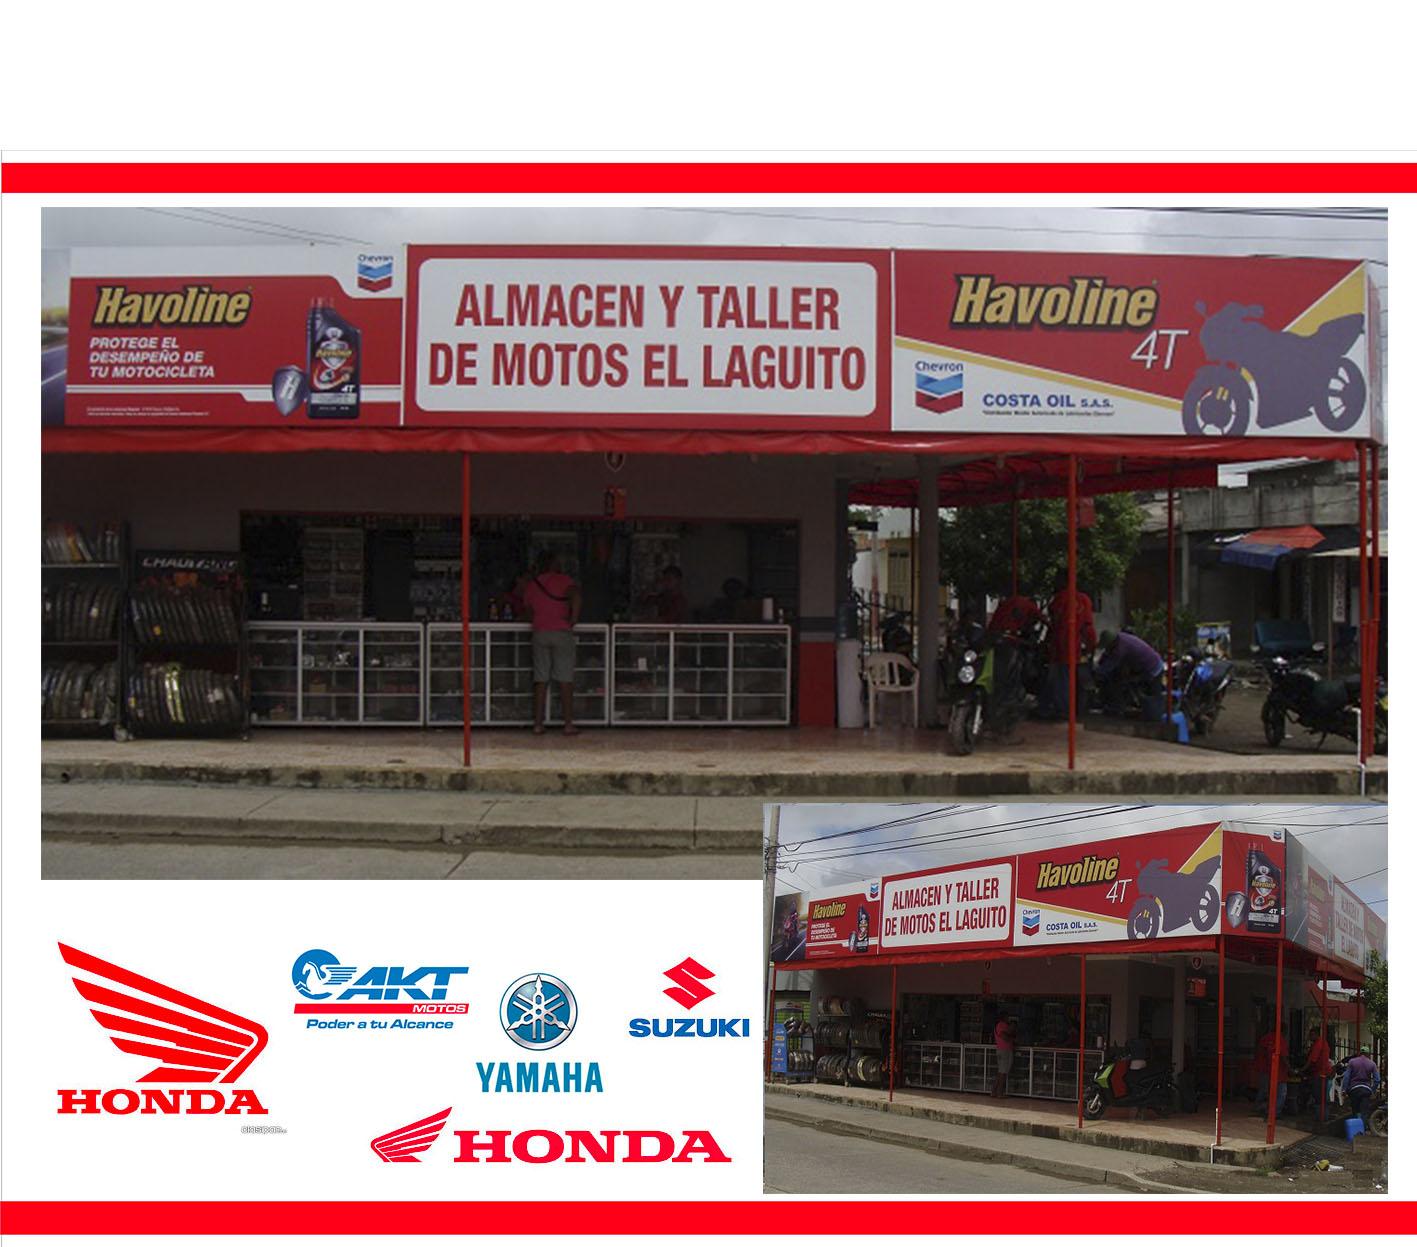 Almacen Y Taller De Motos El Laguito Amarillas De Colombia Co